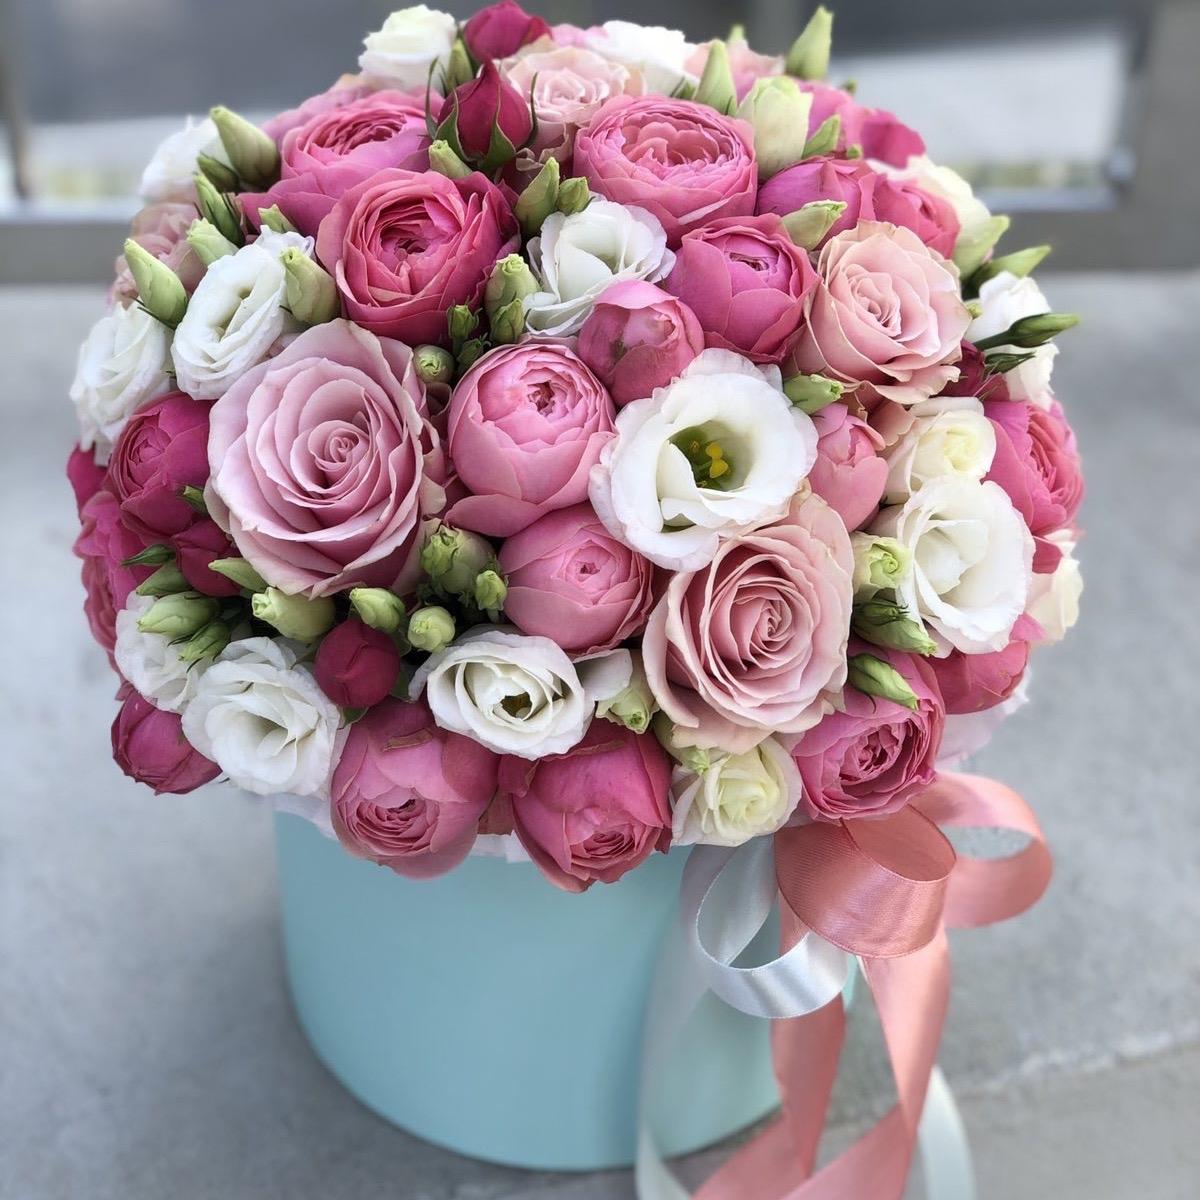 Композиция из пионовидной кустовой розы и эустомы Милой кокетке